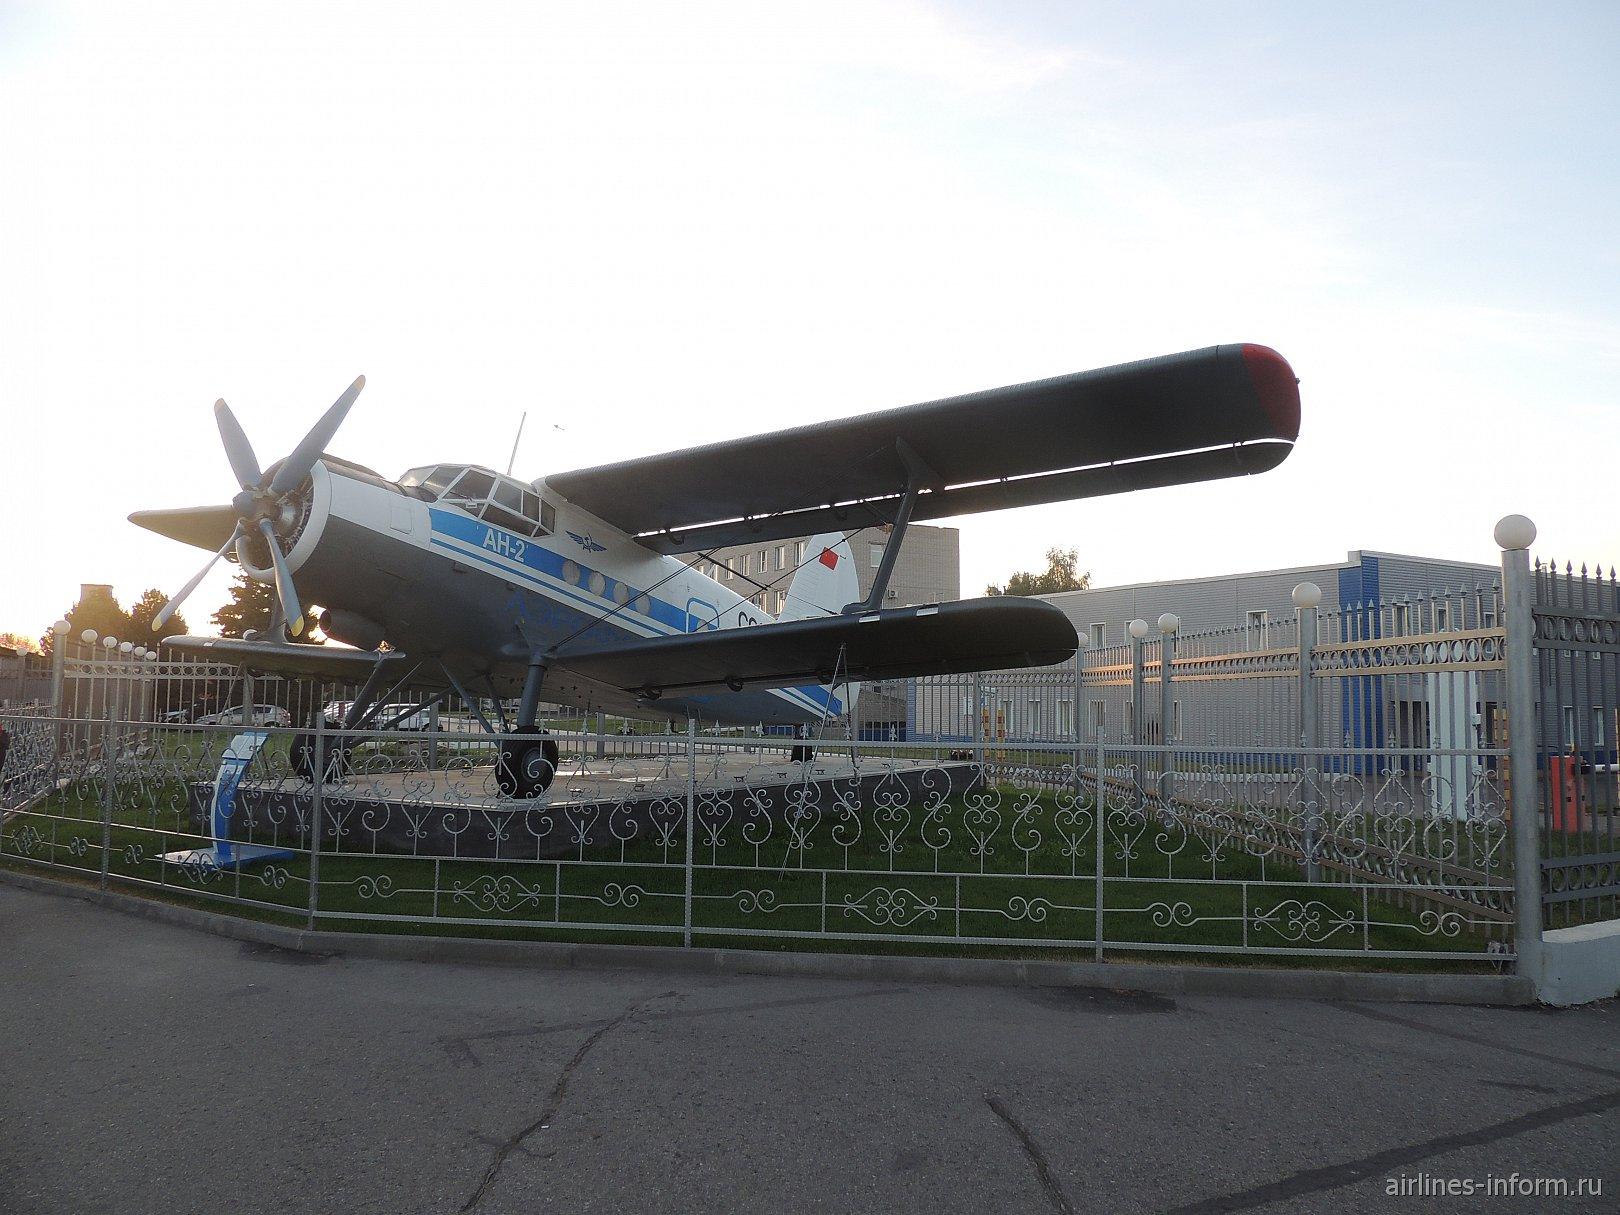 Самолет-памятник Ан-2 в аэропорту Барнаула